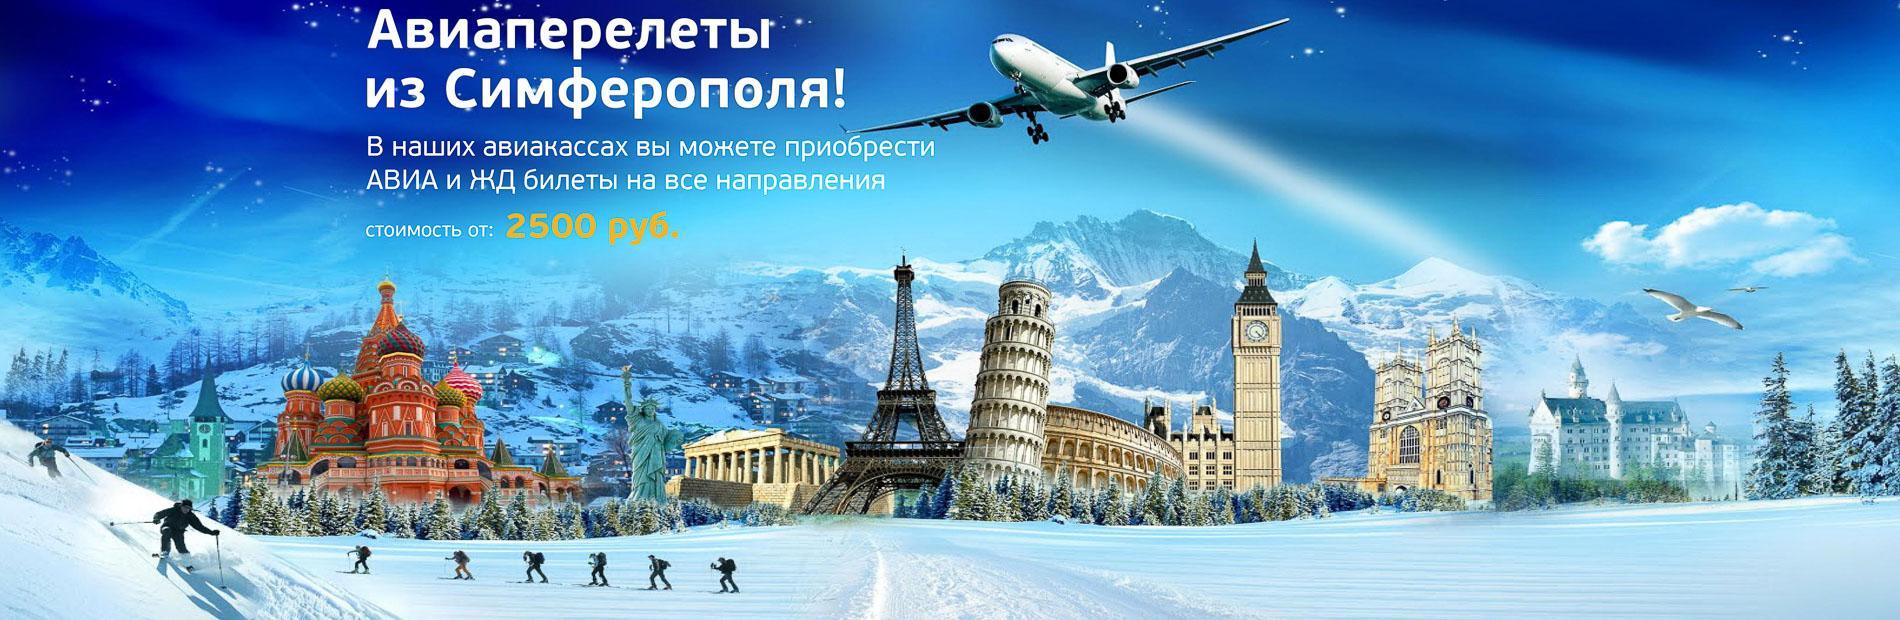 Турфирма, Авиакасса в Севастополе. Туры по России и за границу.